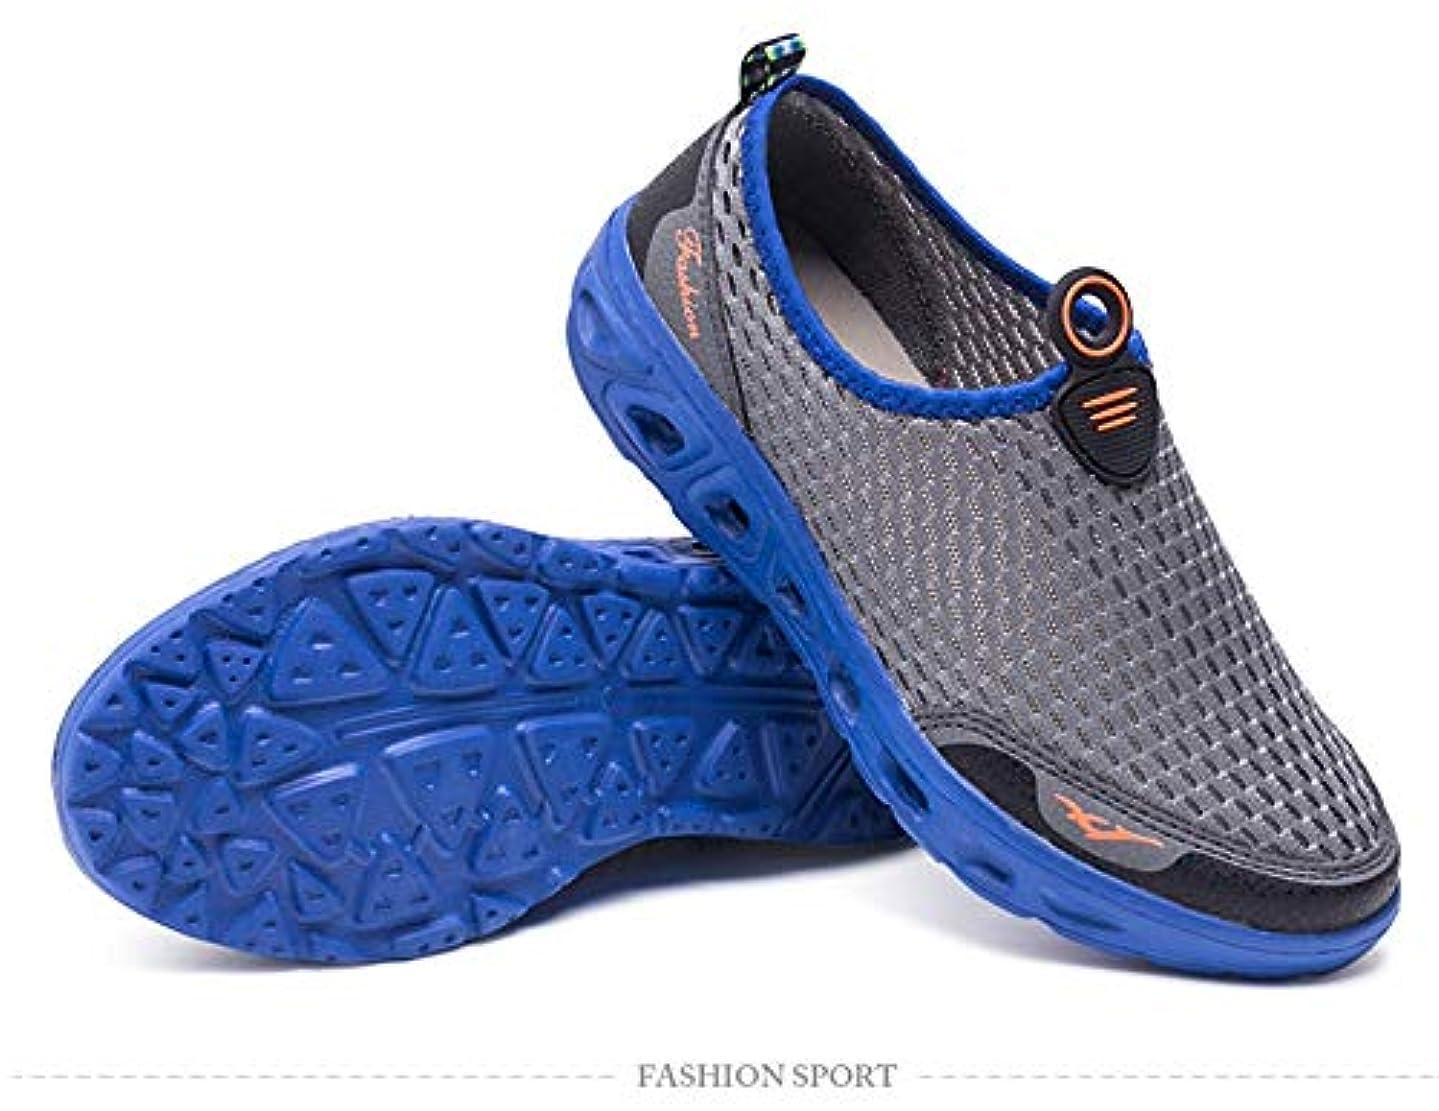 意味のあるわかる永続裸足ウォーターシューズ、川の靴メッシュ表面水泳シューズ男性と女性のカップルの靴スポーツレジャーダイビングシューズ